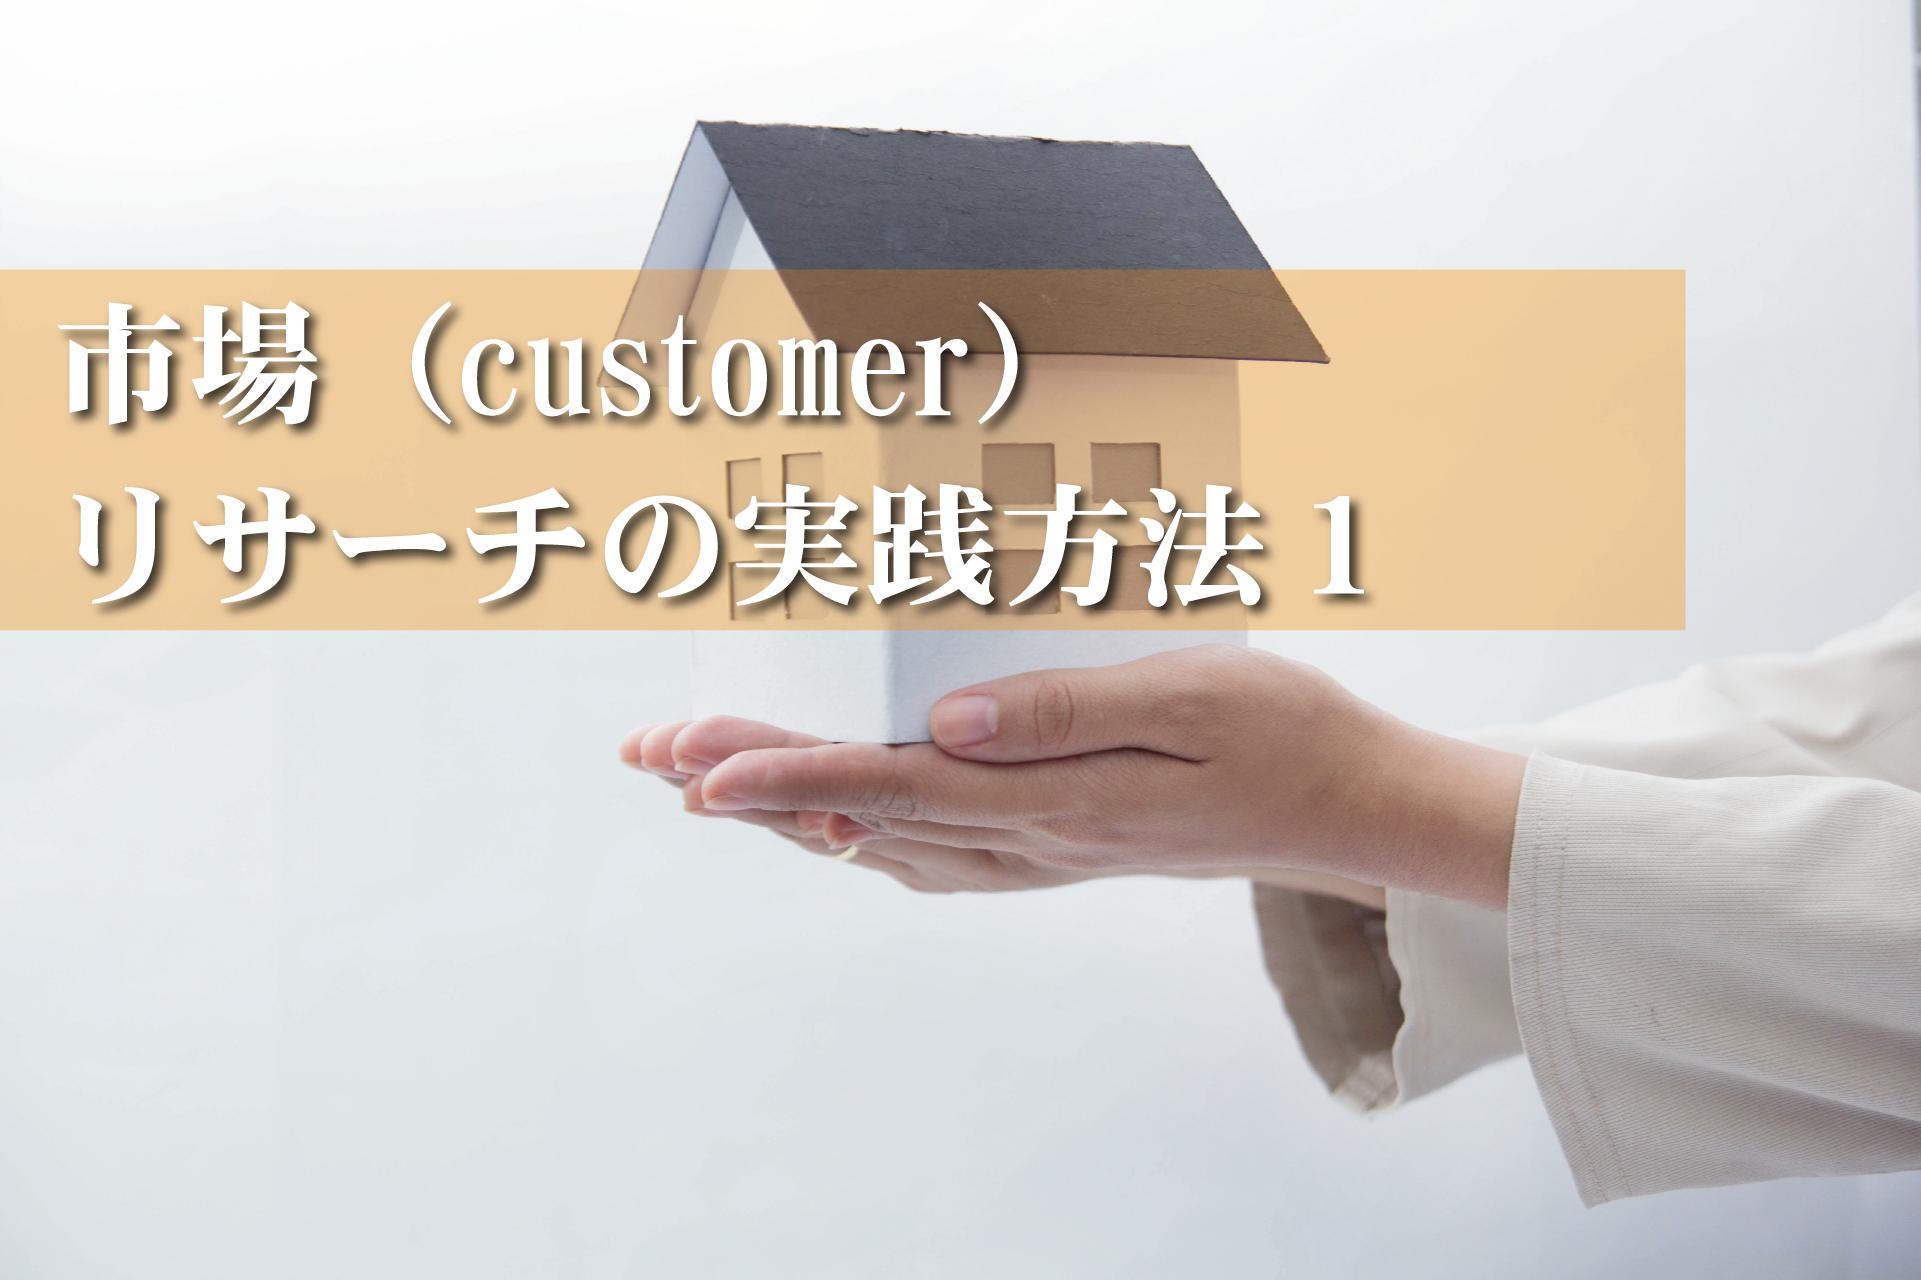 コーチ・コンサルタントのための市場(customer)リサーチの実践方法1